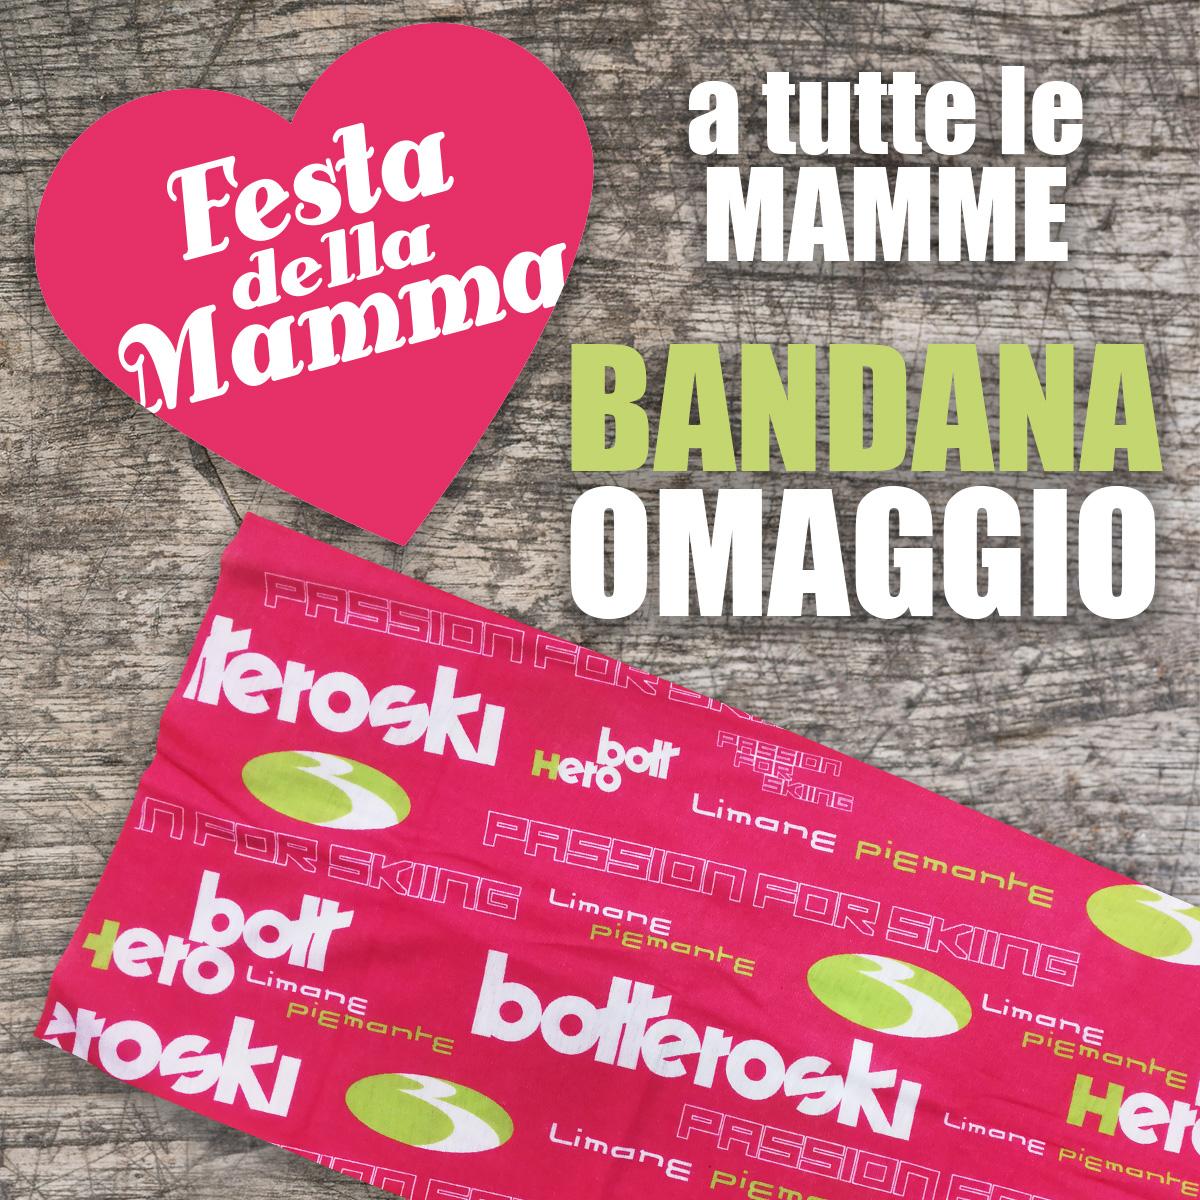 Festa della mamma: in regalo una bandana Bottero Ski a tutte le mamme!